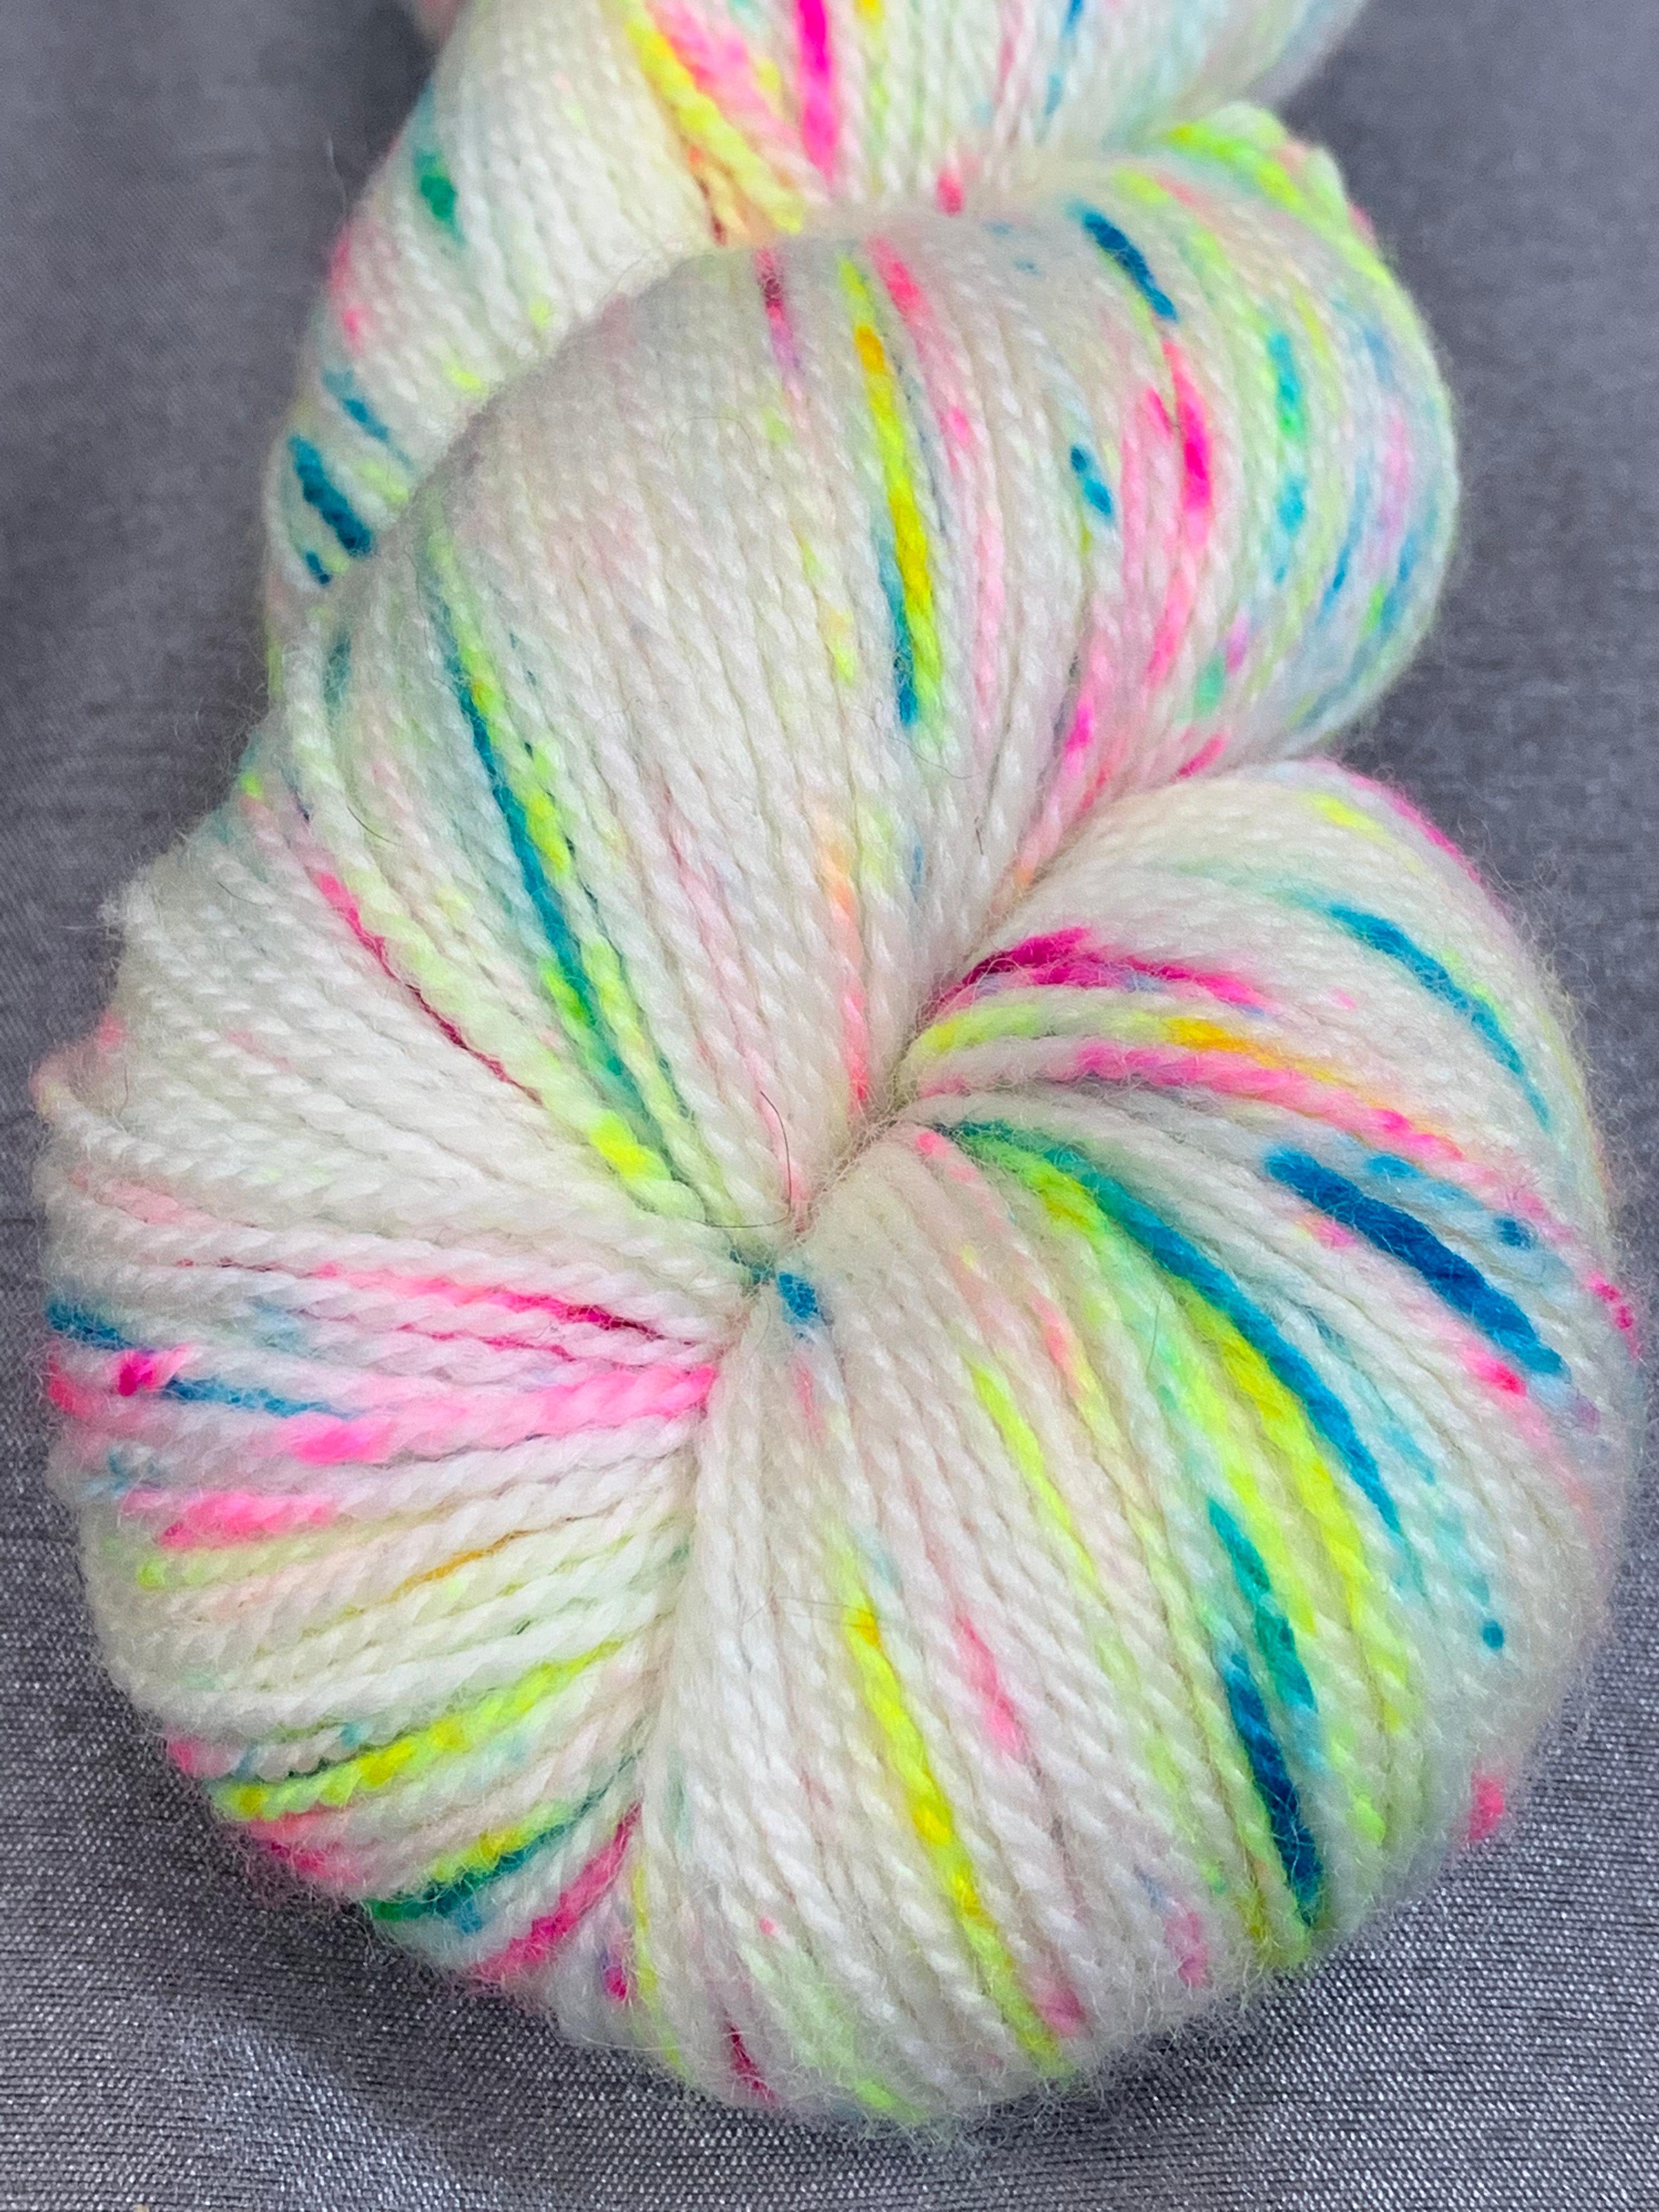 hand dyed yarn yarn speckled yarn,soft yarn, 3ply yarn funfetti yarn Confetti yarn,Baby yarn striped yarn Fingering weight yarn